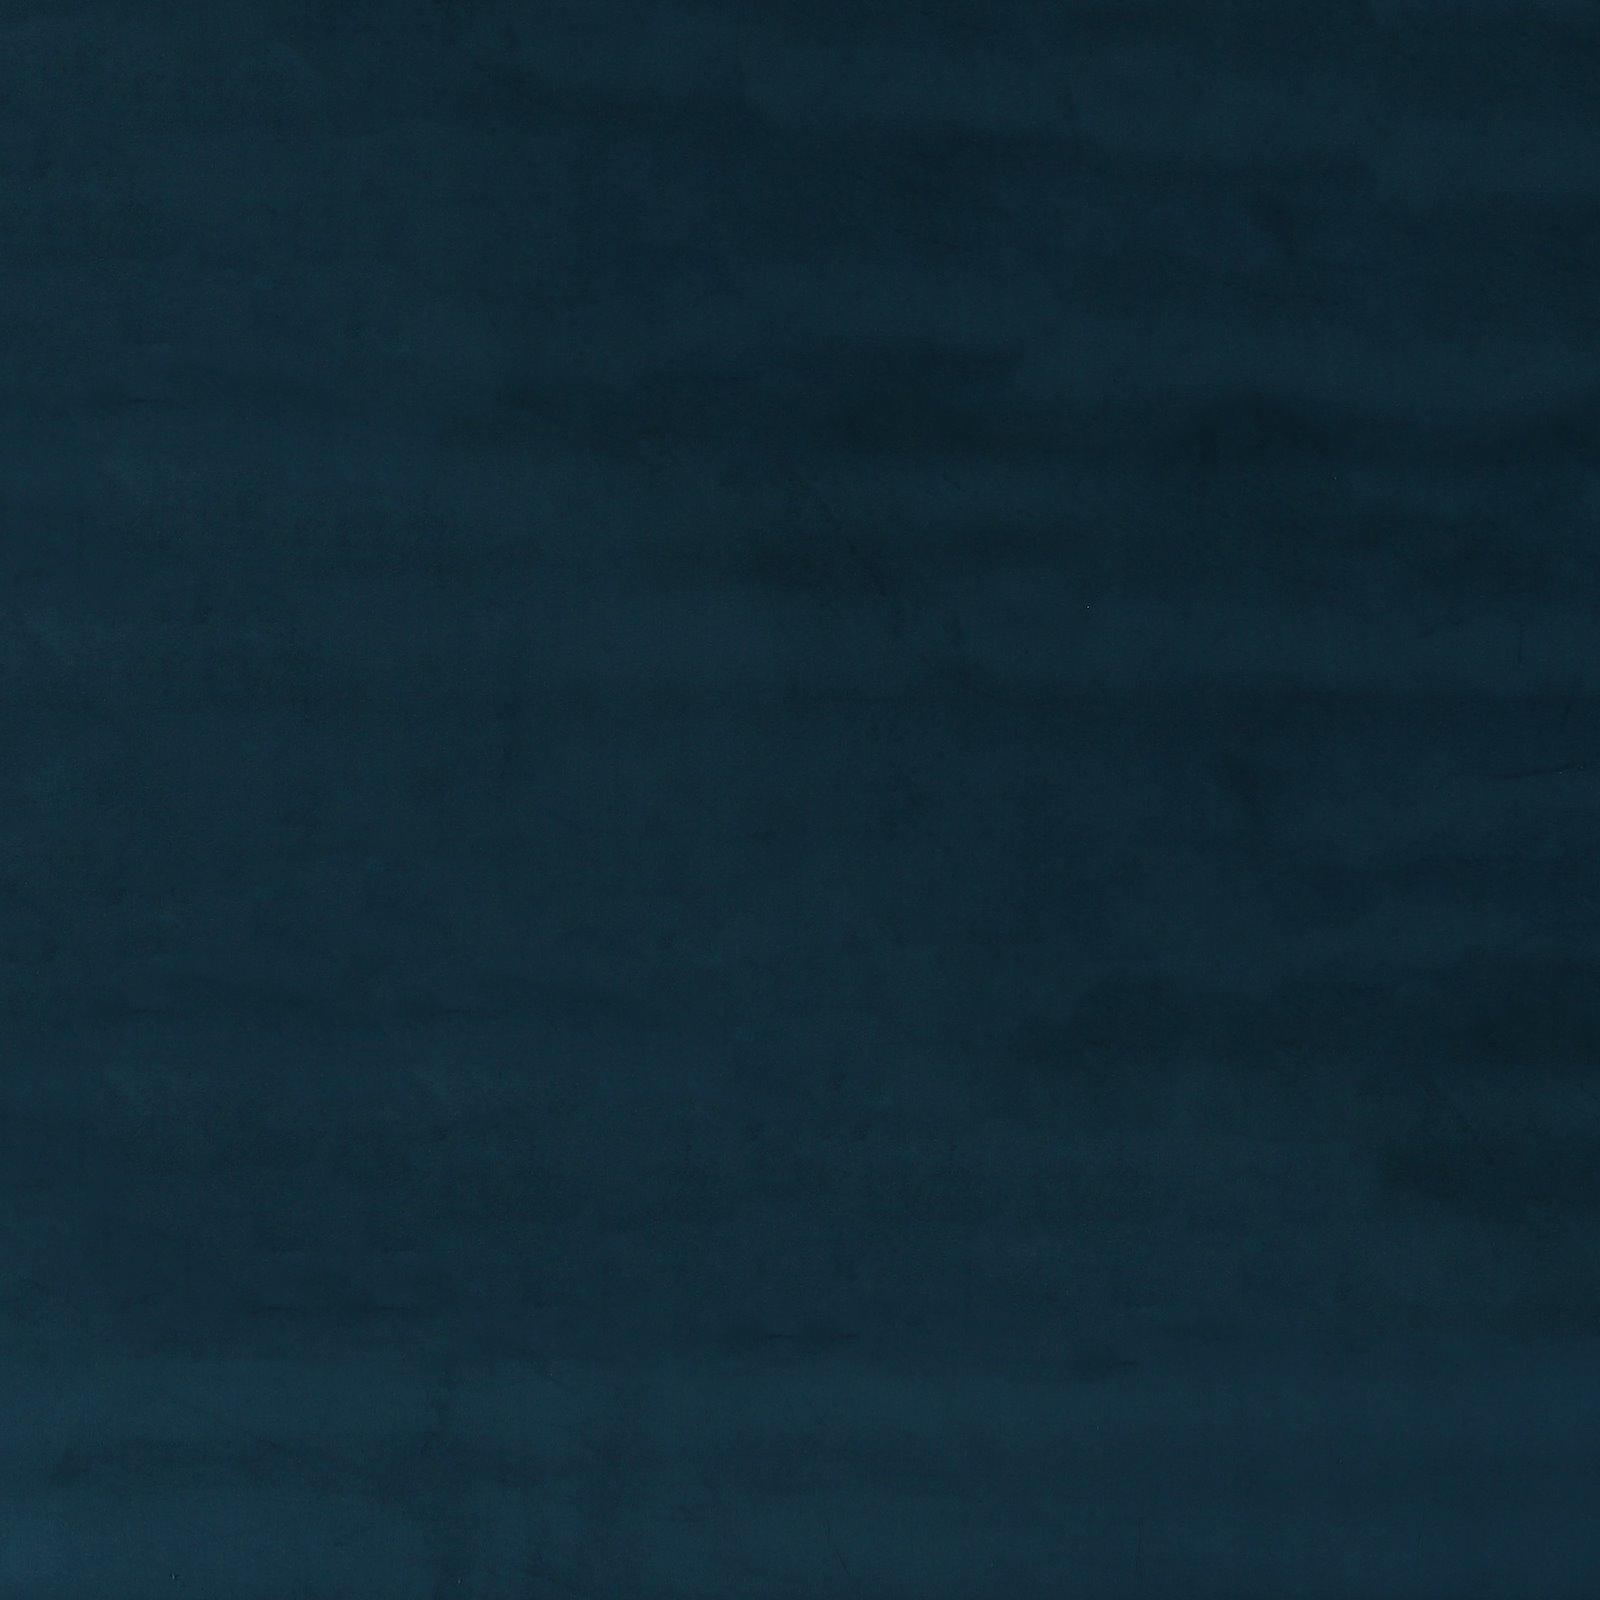 Upholstery shiny velvet petrol blue 824056_pack_solid